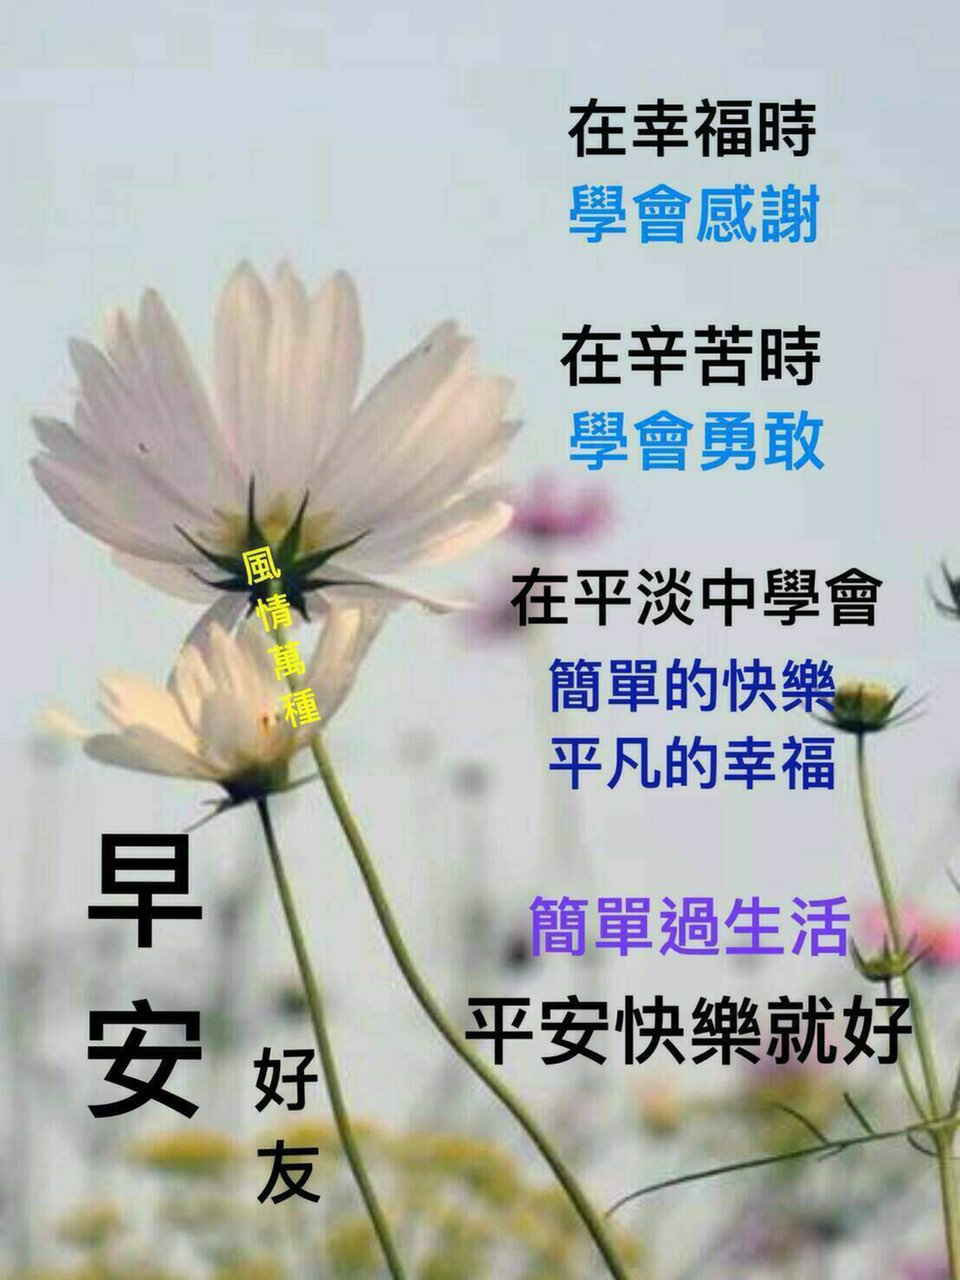 要找翻译人员各种语言50位请联系电话号码0968161231